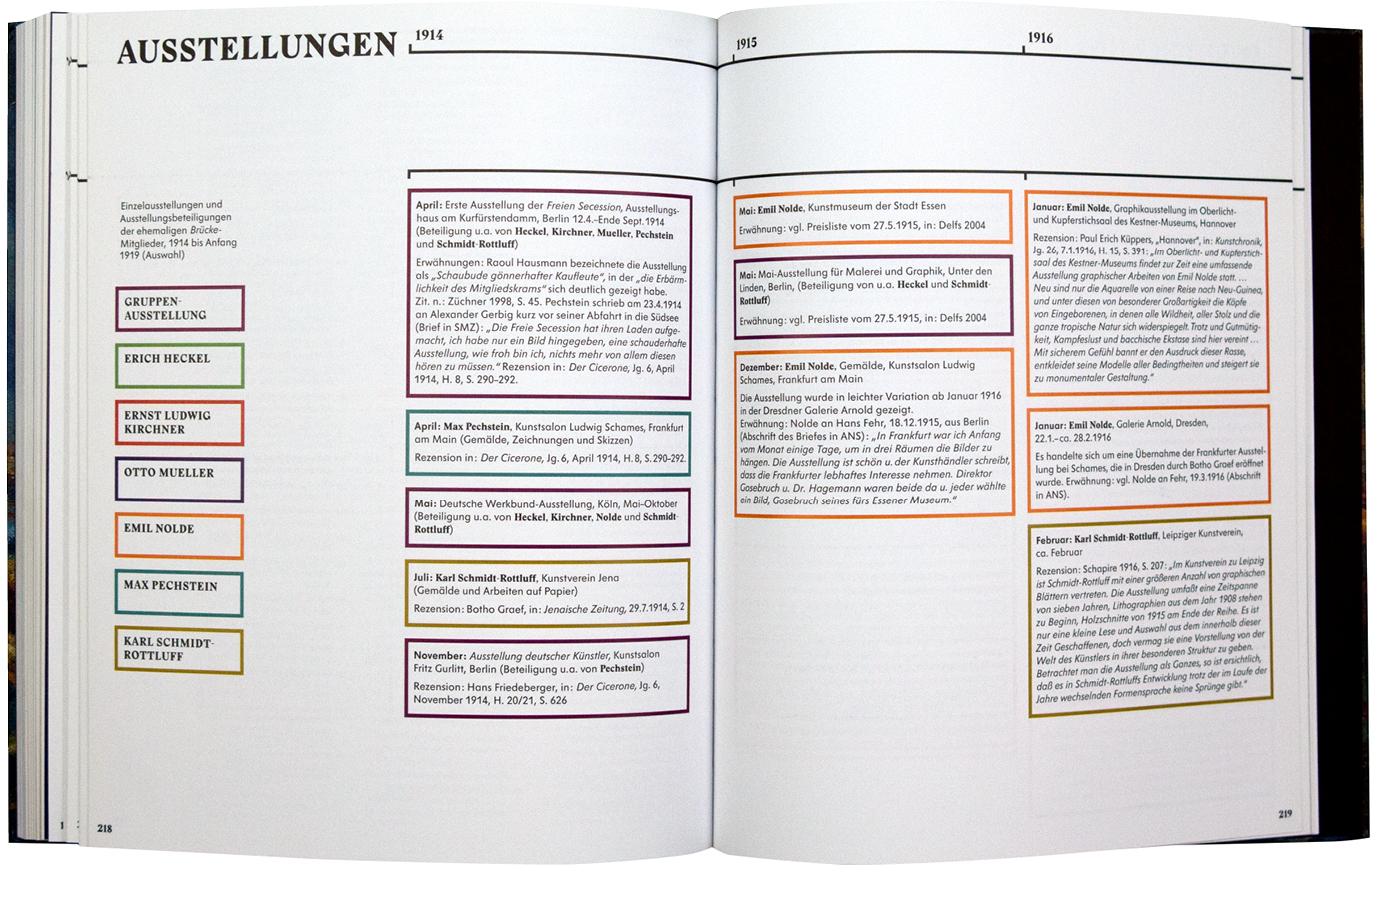 http://e-o-t.de/wordpress/wp-content/uploads/2017/06/2014_eot-Weltenbruch-Book-12.jpg